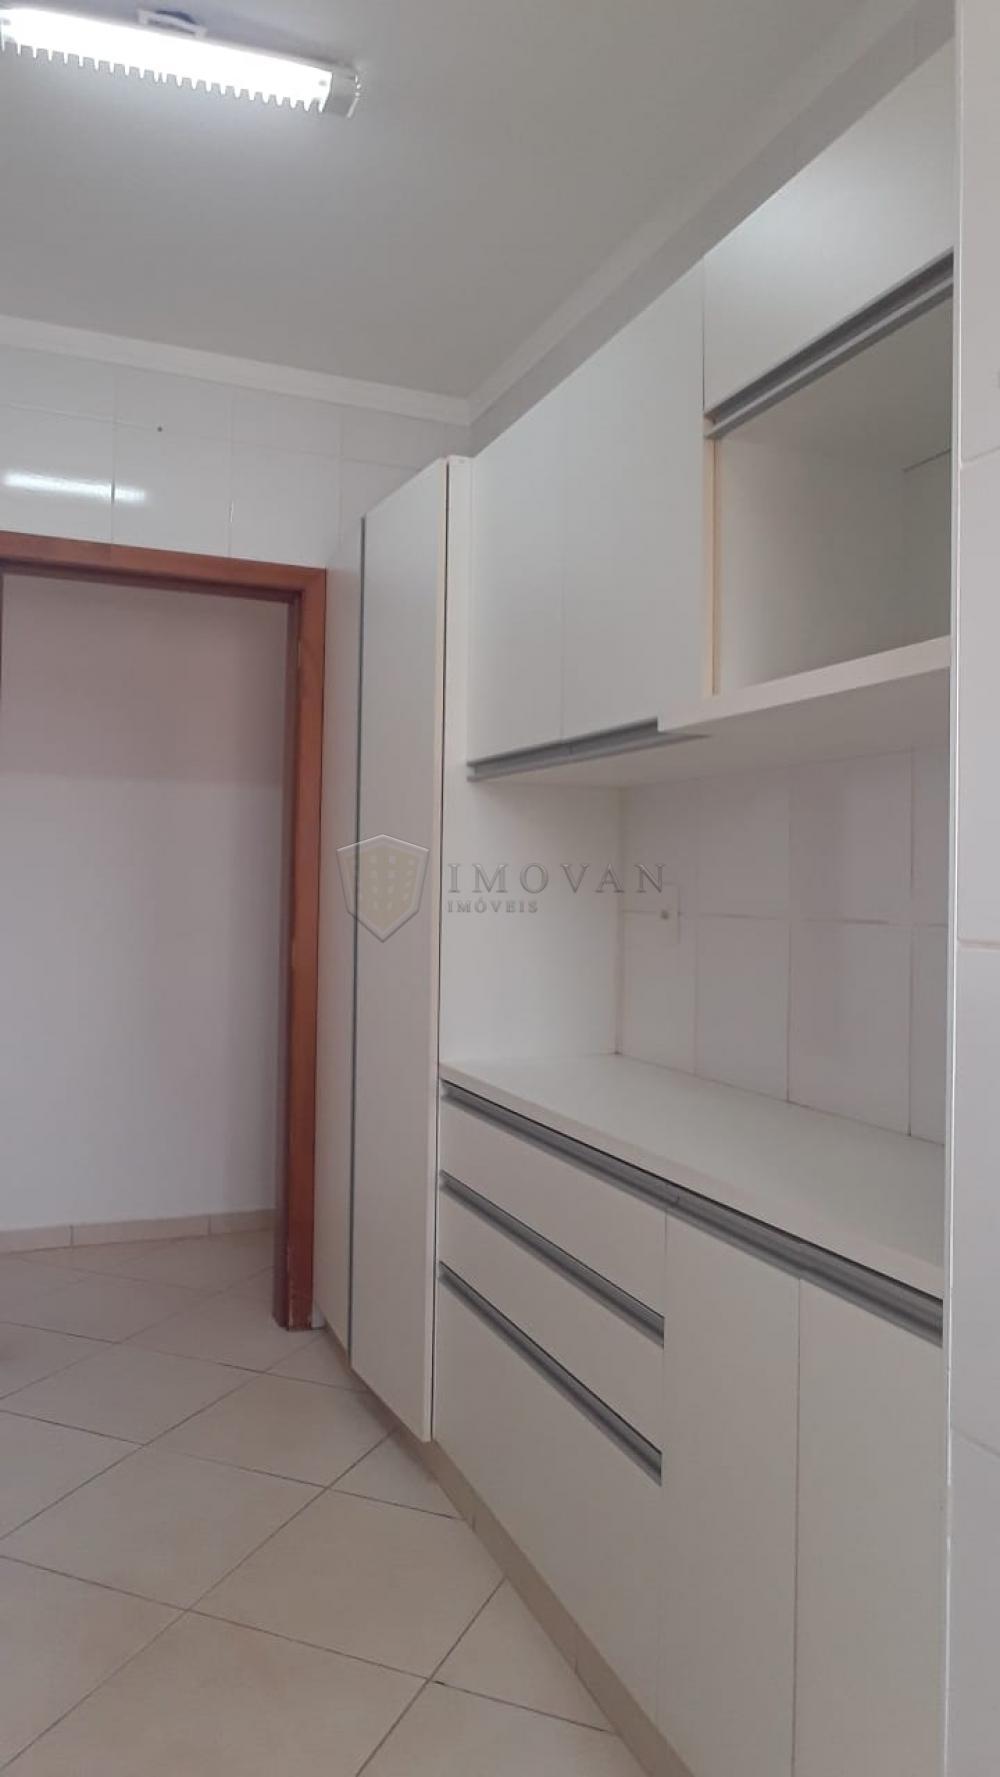 Alugar Apartamento / Cobertura em Ribeirão Preto apenas R$ 1.600,00 - Foto 4